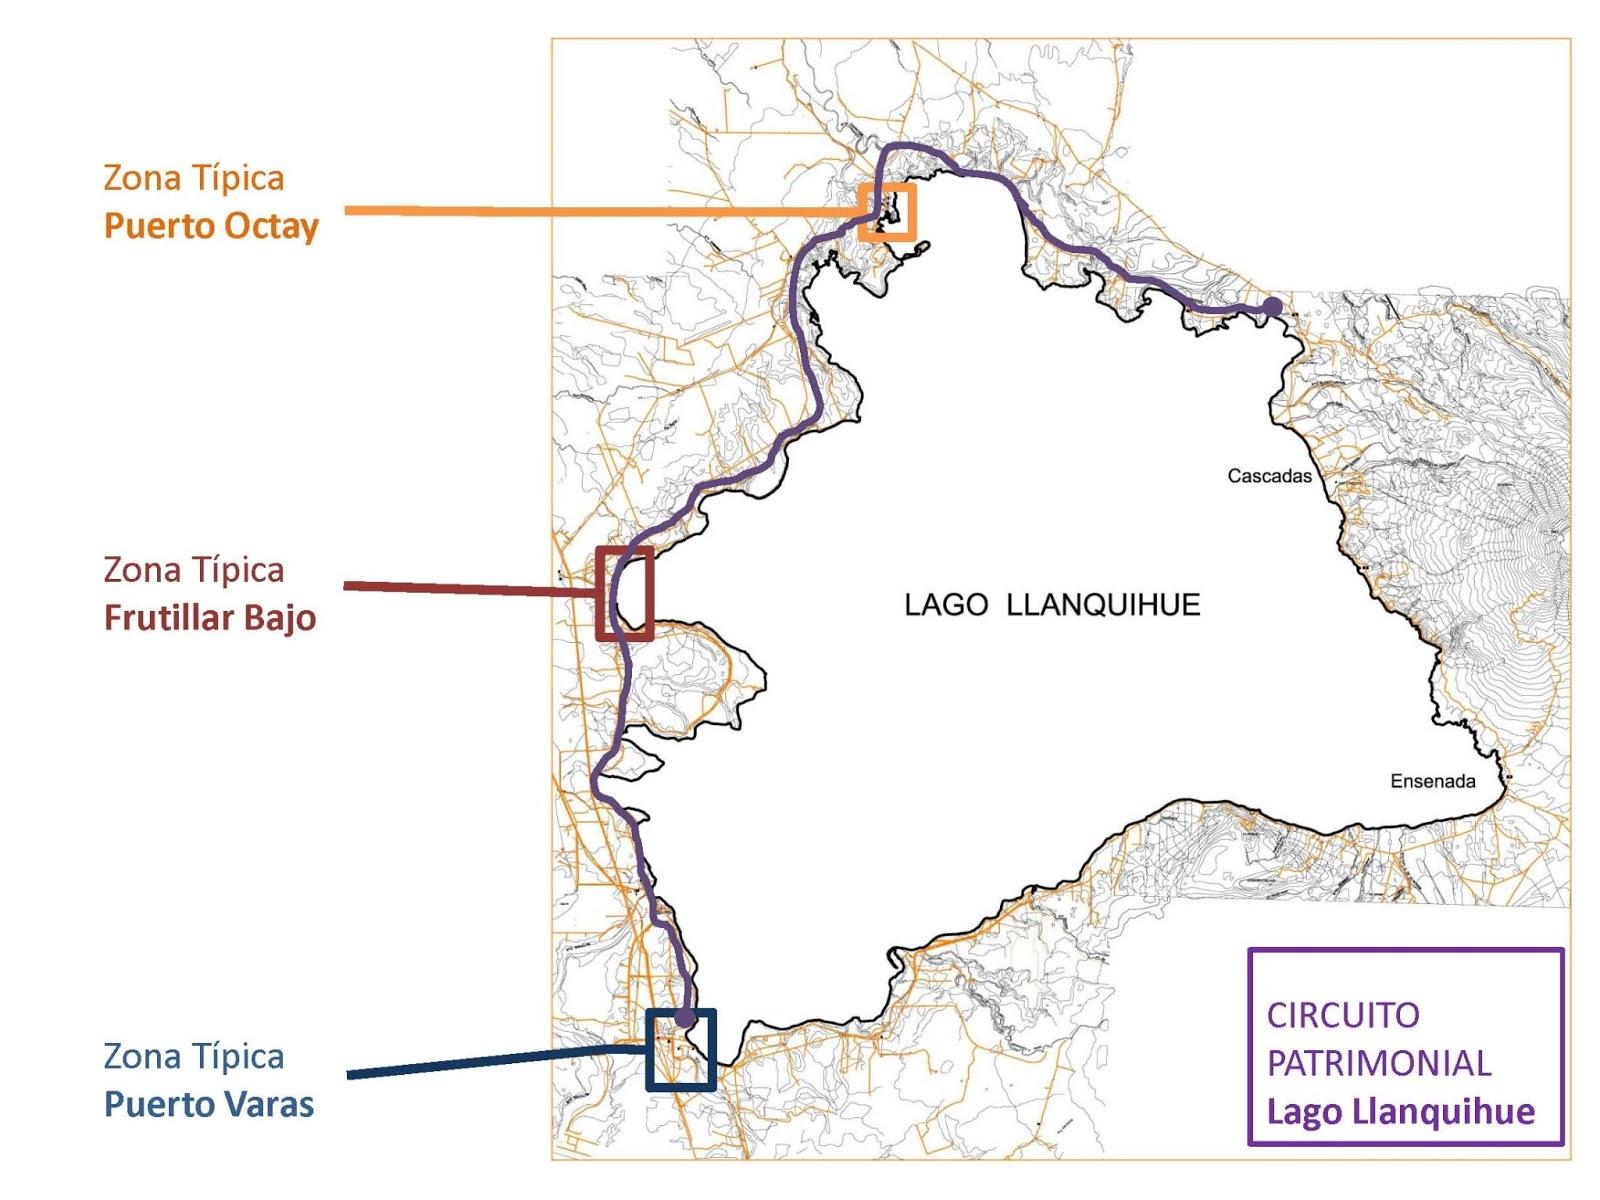 Circuito Turistico : Zona tipica puerto octay circuito turÍstico patrimonial lago